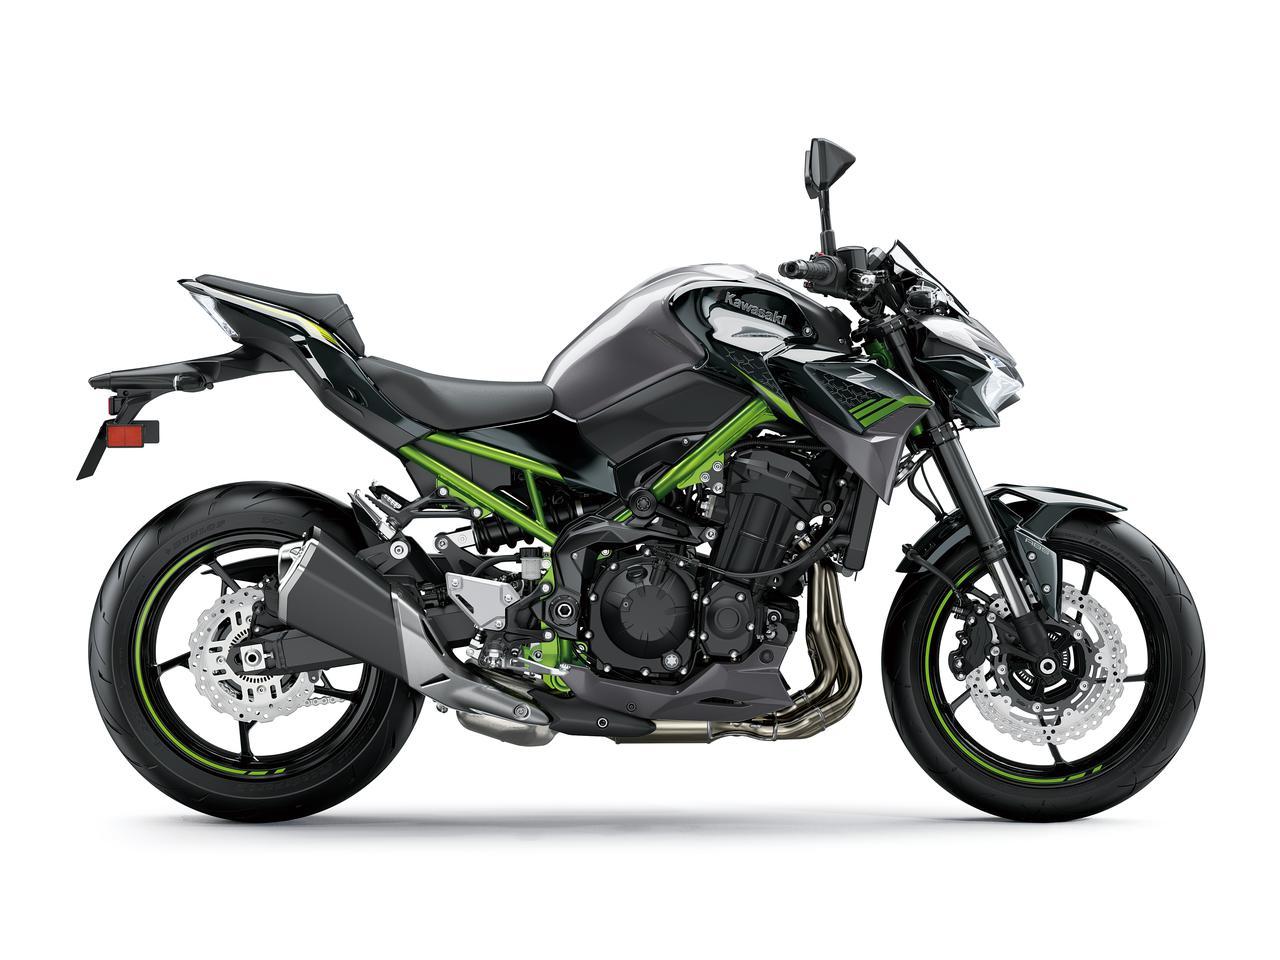 画像12: カワサキの新型「Z900」「Z650」は、デザインを「Z H2」のイメージに!? スタイリング紹介の第一報【EICMA 2019速報】